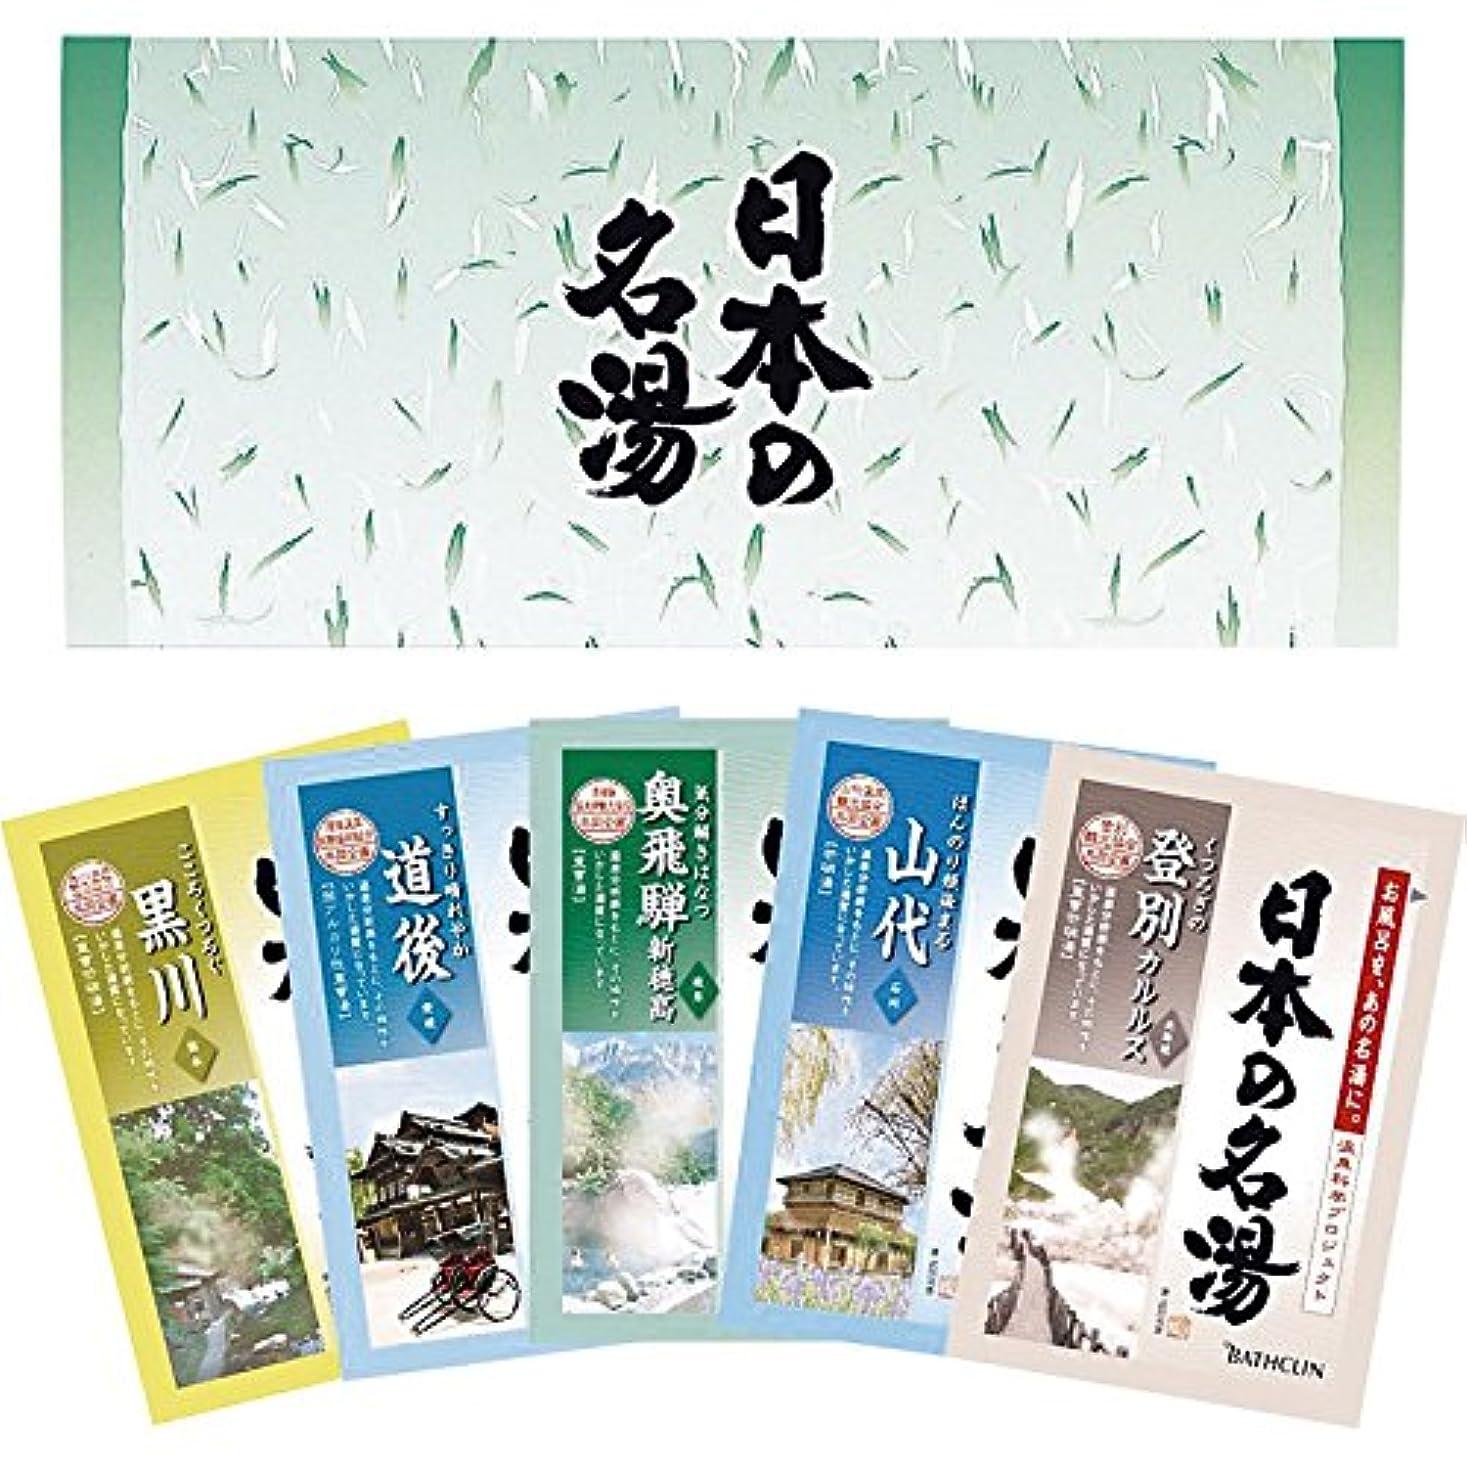 雑種こどもセンターパークバスクリン 日本の名湯 5包セット OT-3D 【洗面所 入浴剤 温泉 薬用 5袋 リラックス おふろ バスグッズ】